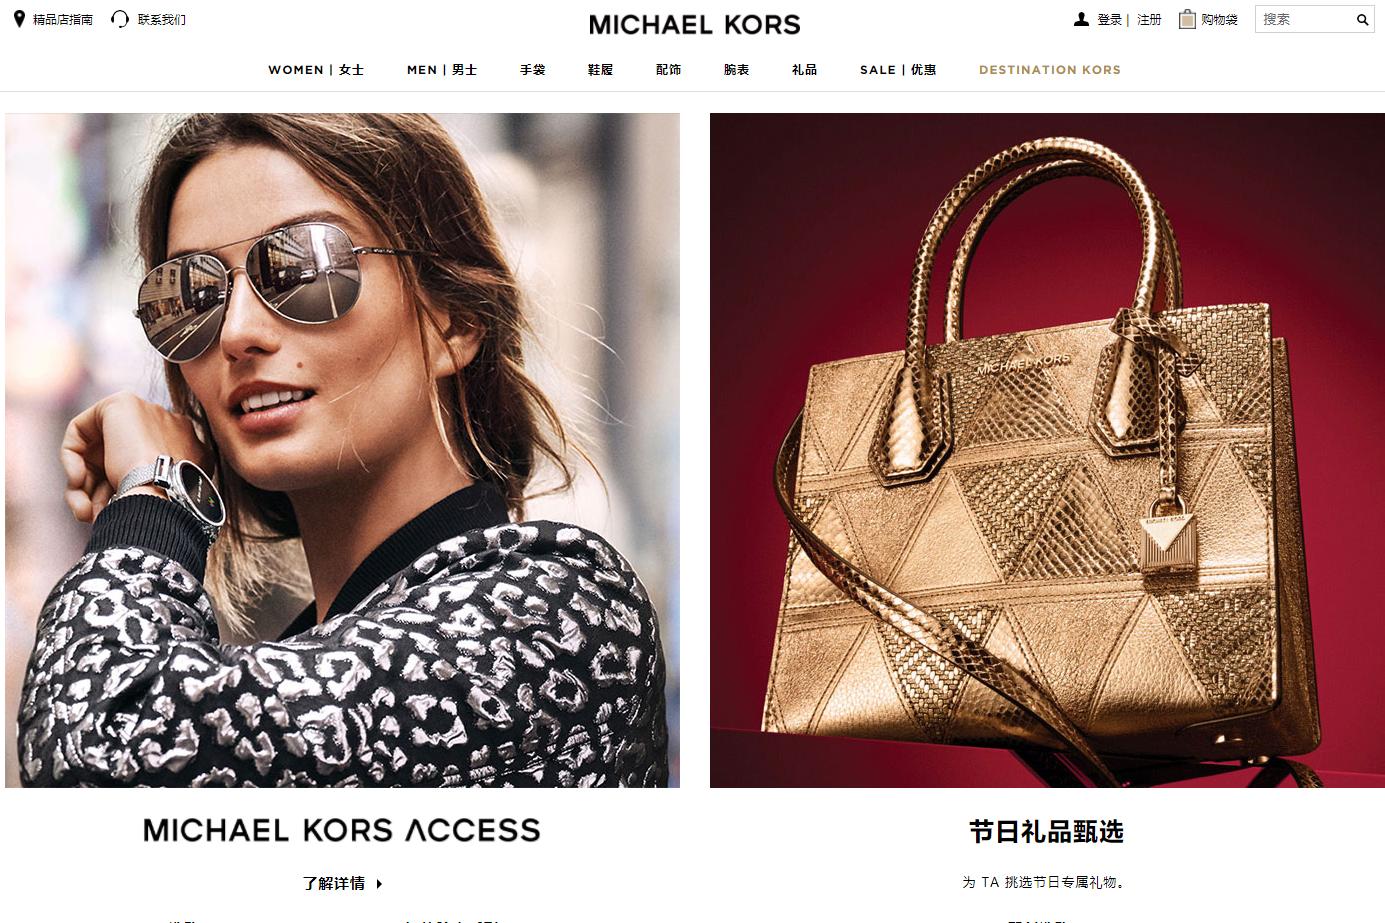 继 Gucci 和时尚集团 VF 之后,Michael Kors和Jimmy Choo 也宣布将不再使用动物皮草